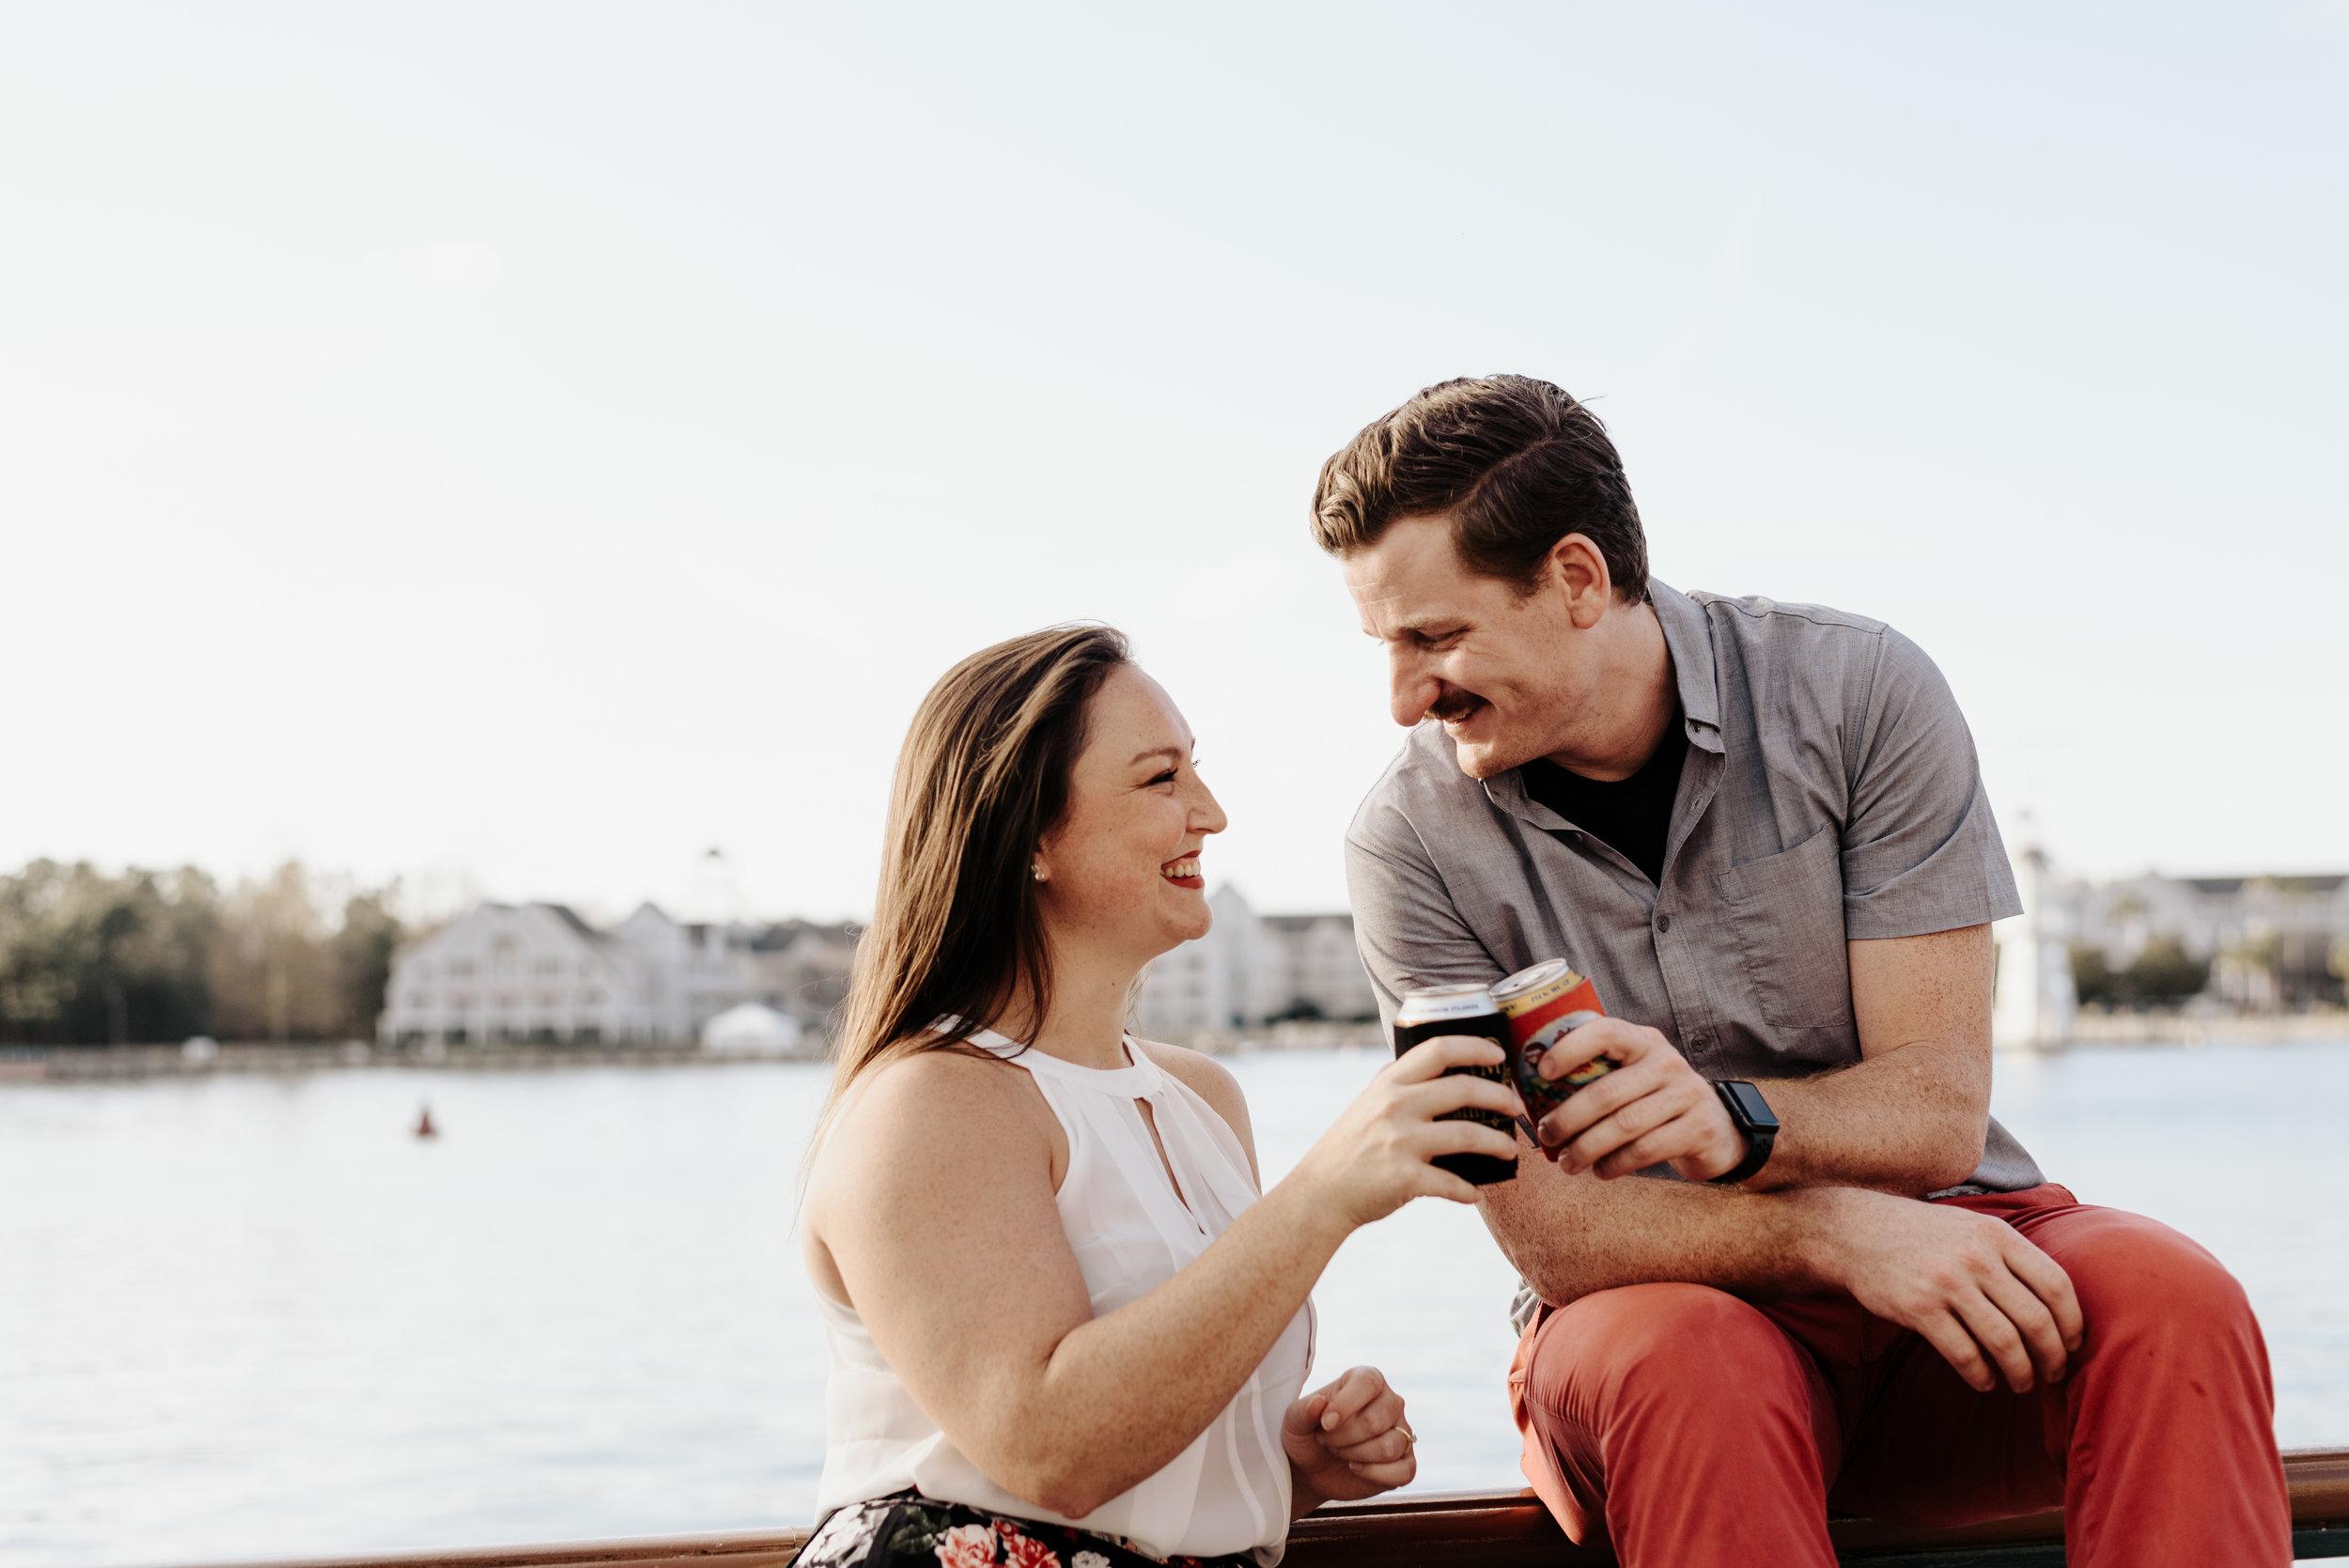 Megan-Matt-Engagements-6407.jpg